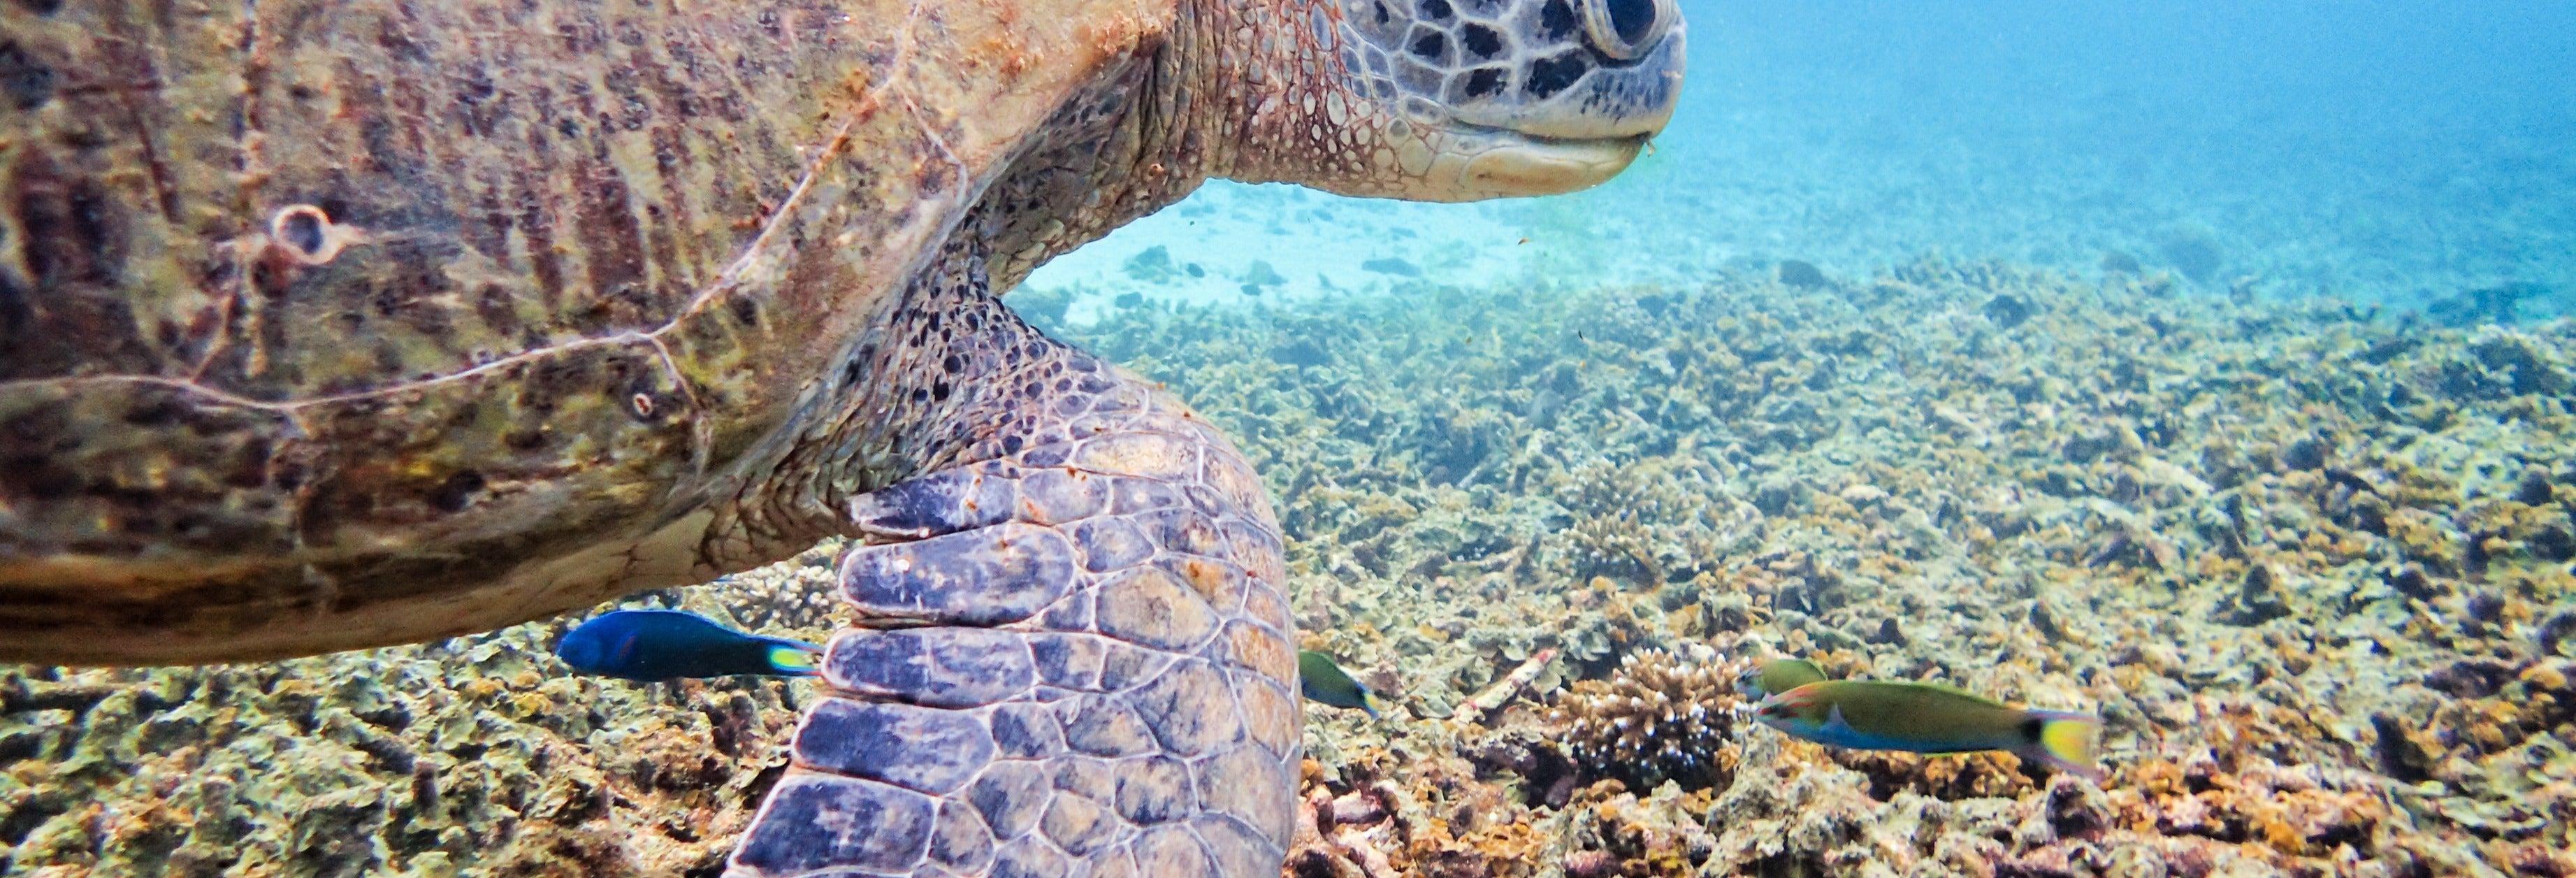 Koh Tao Diving